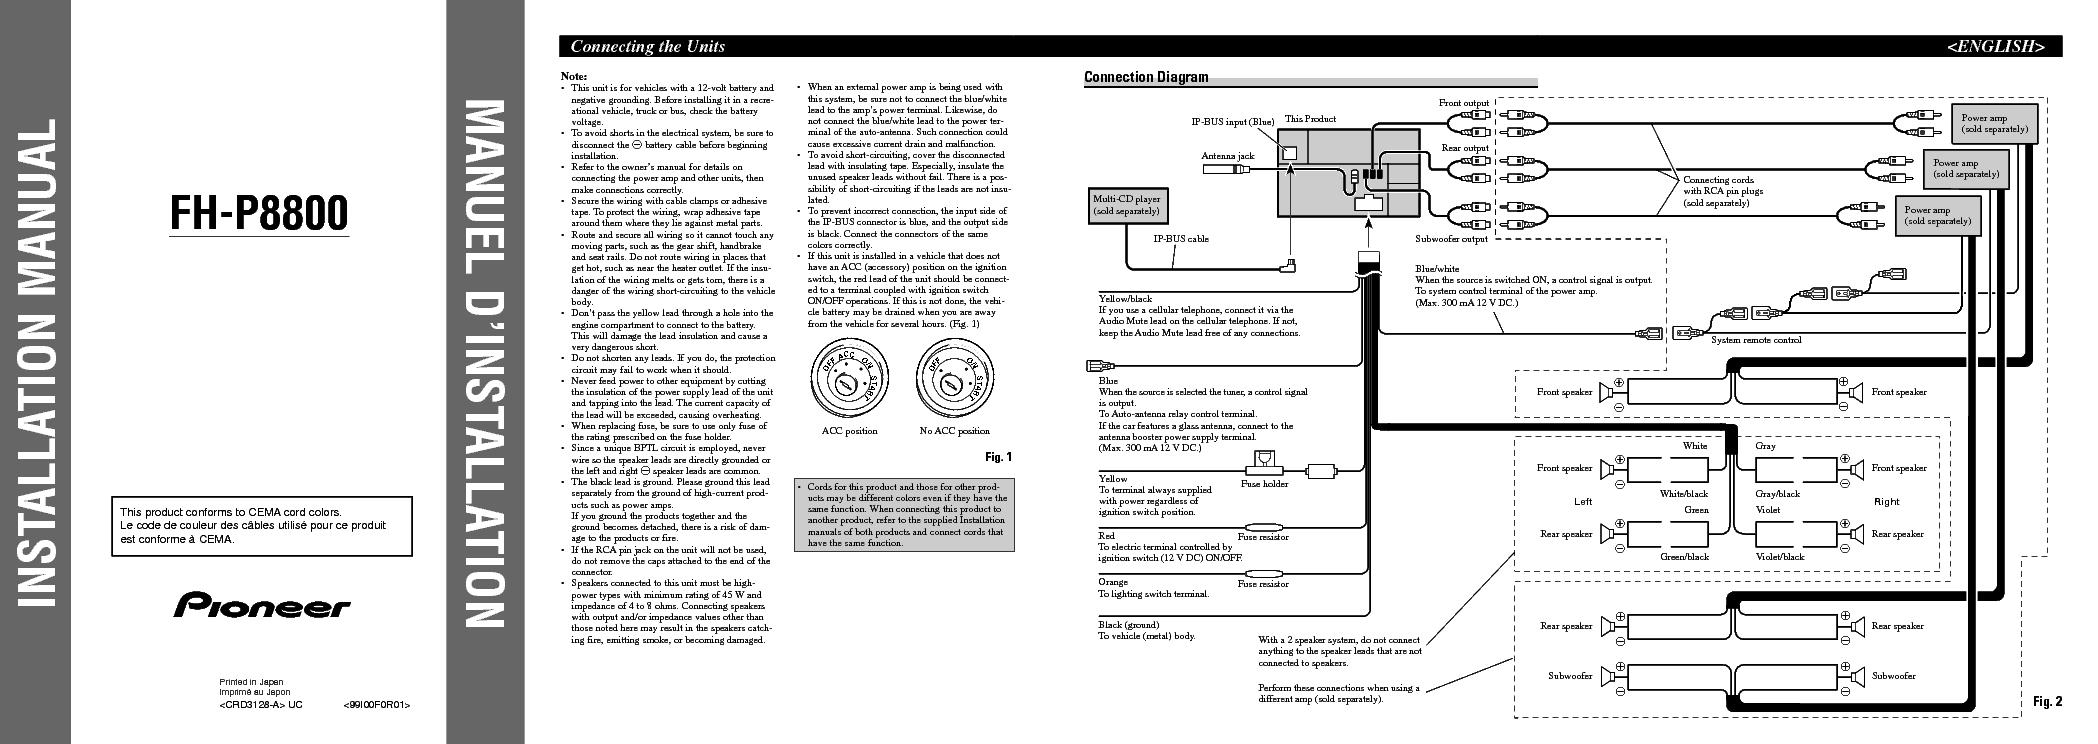 Pioneer Fh S501bt Wiring Diagram Manual Guide